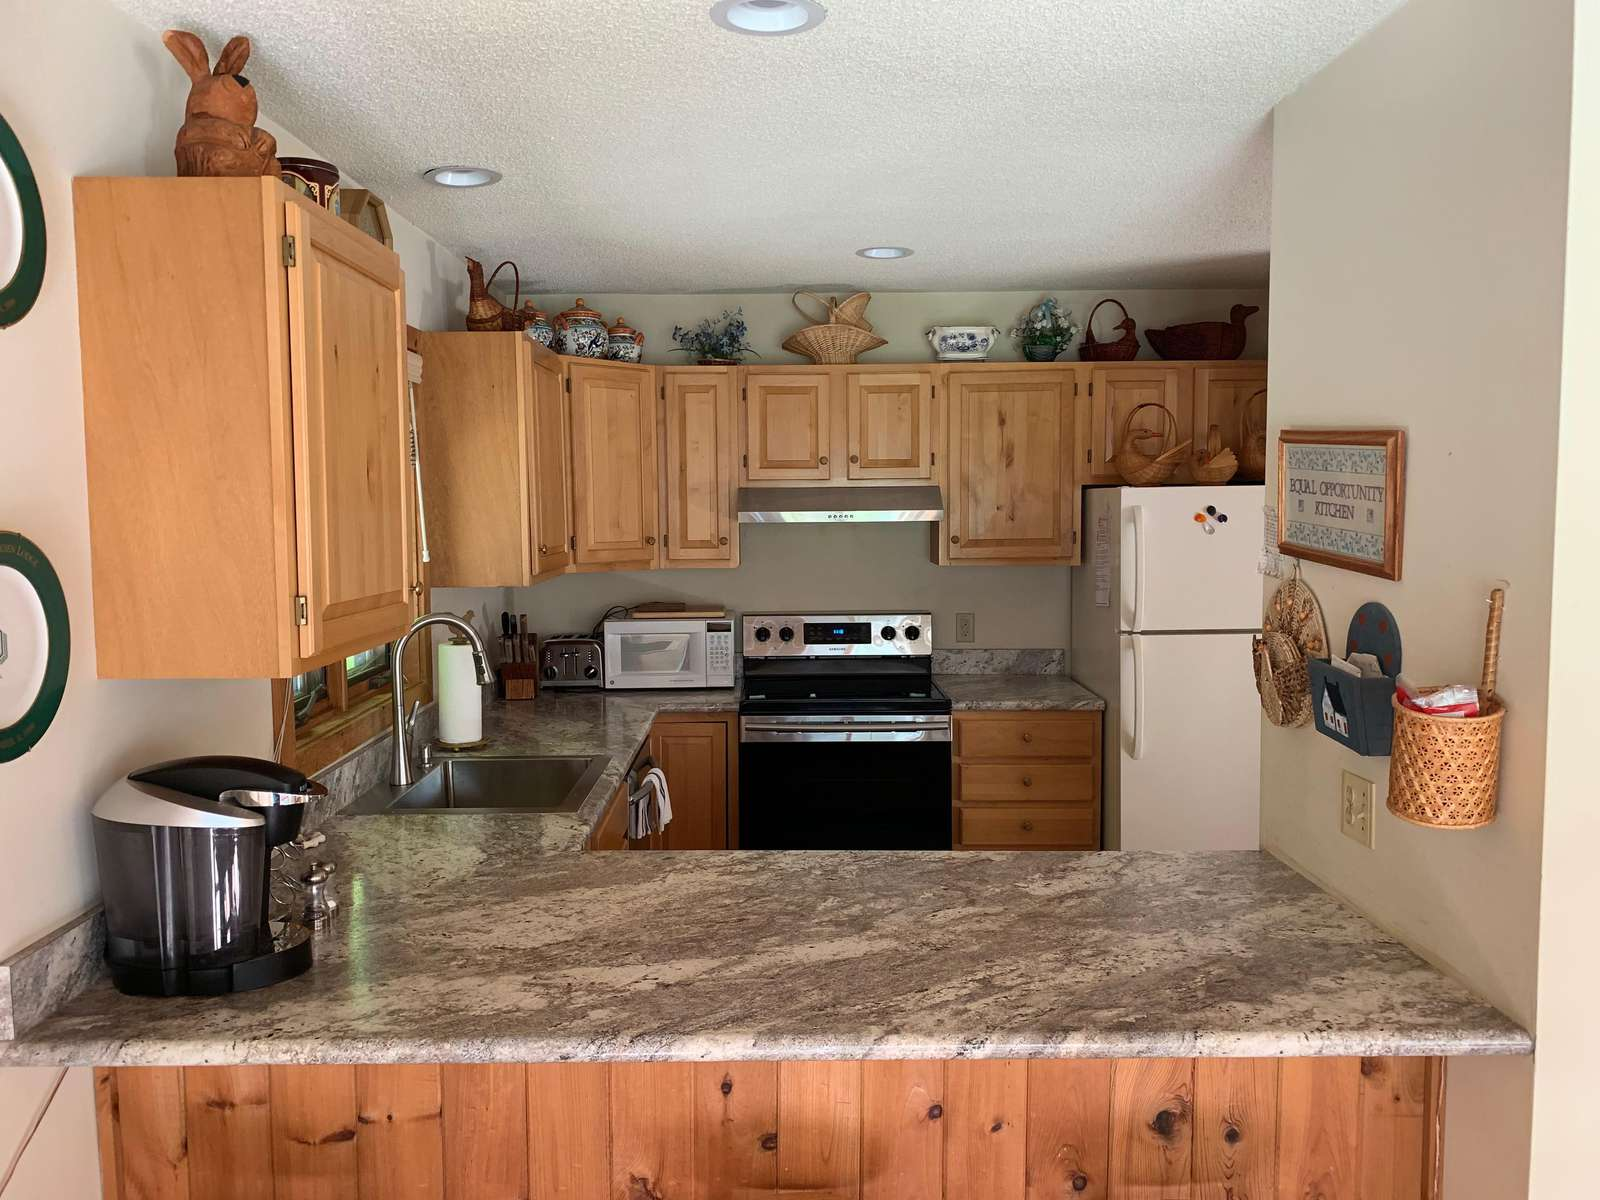 Updated kitchen appliances